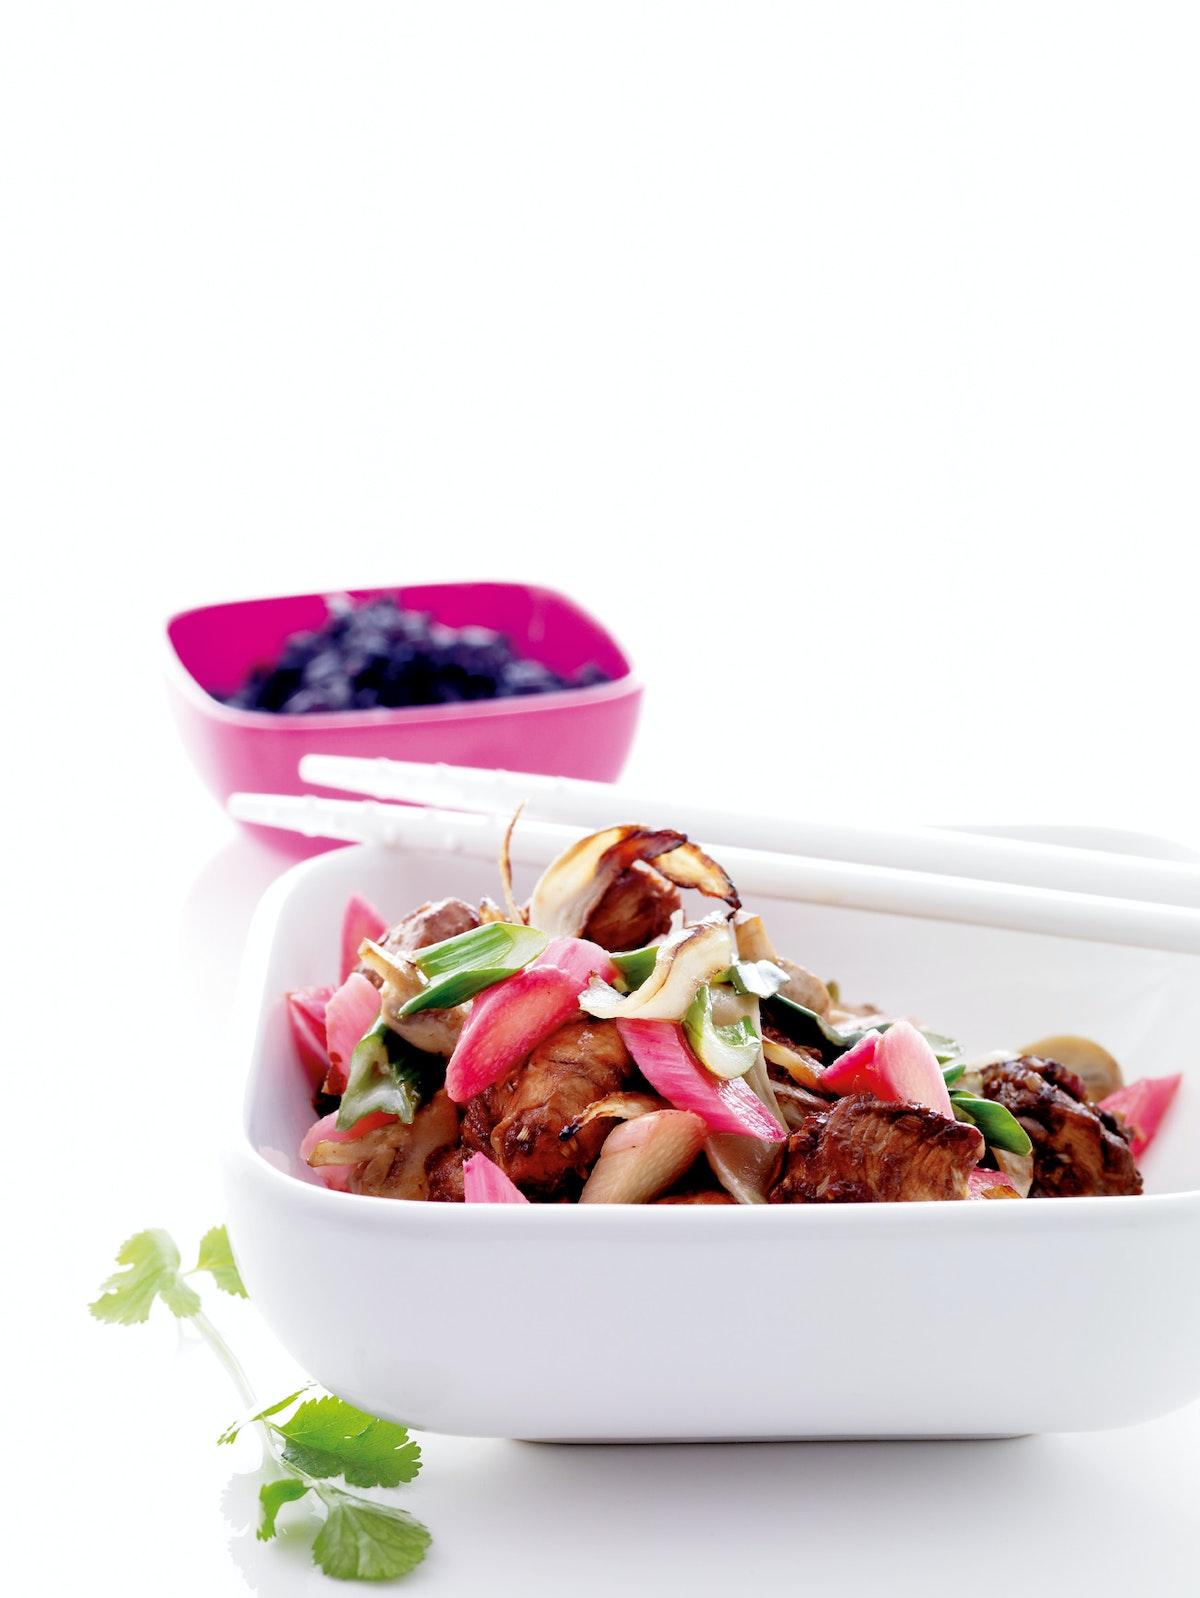 Orientalsk kylling med rabarber | Iform.dk